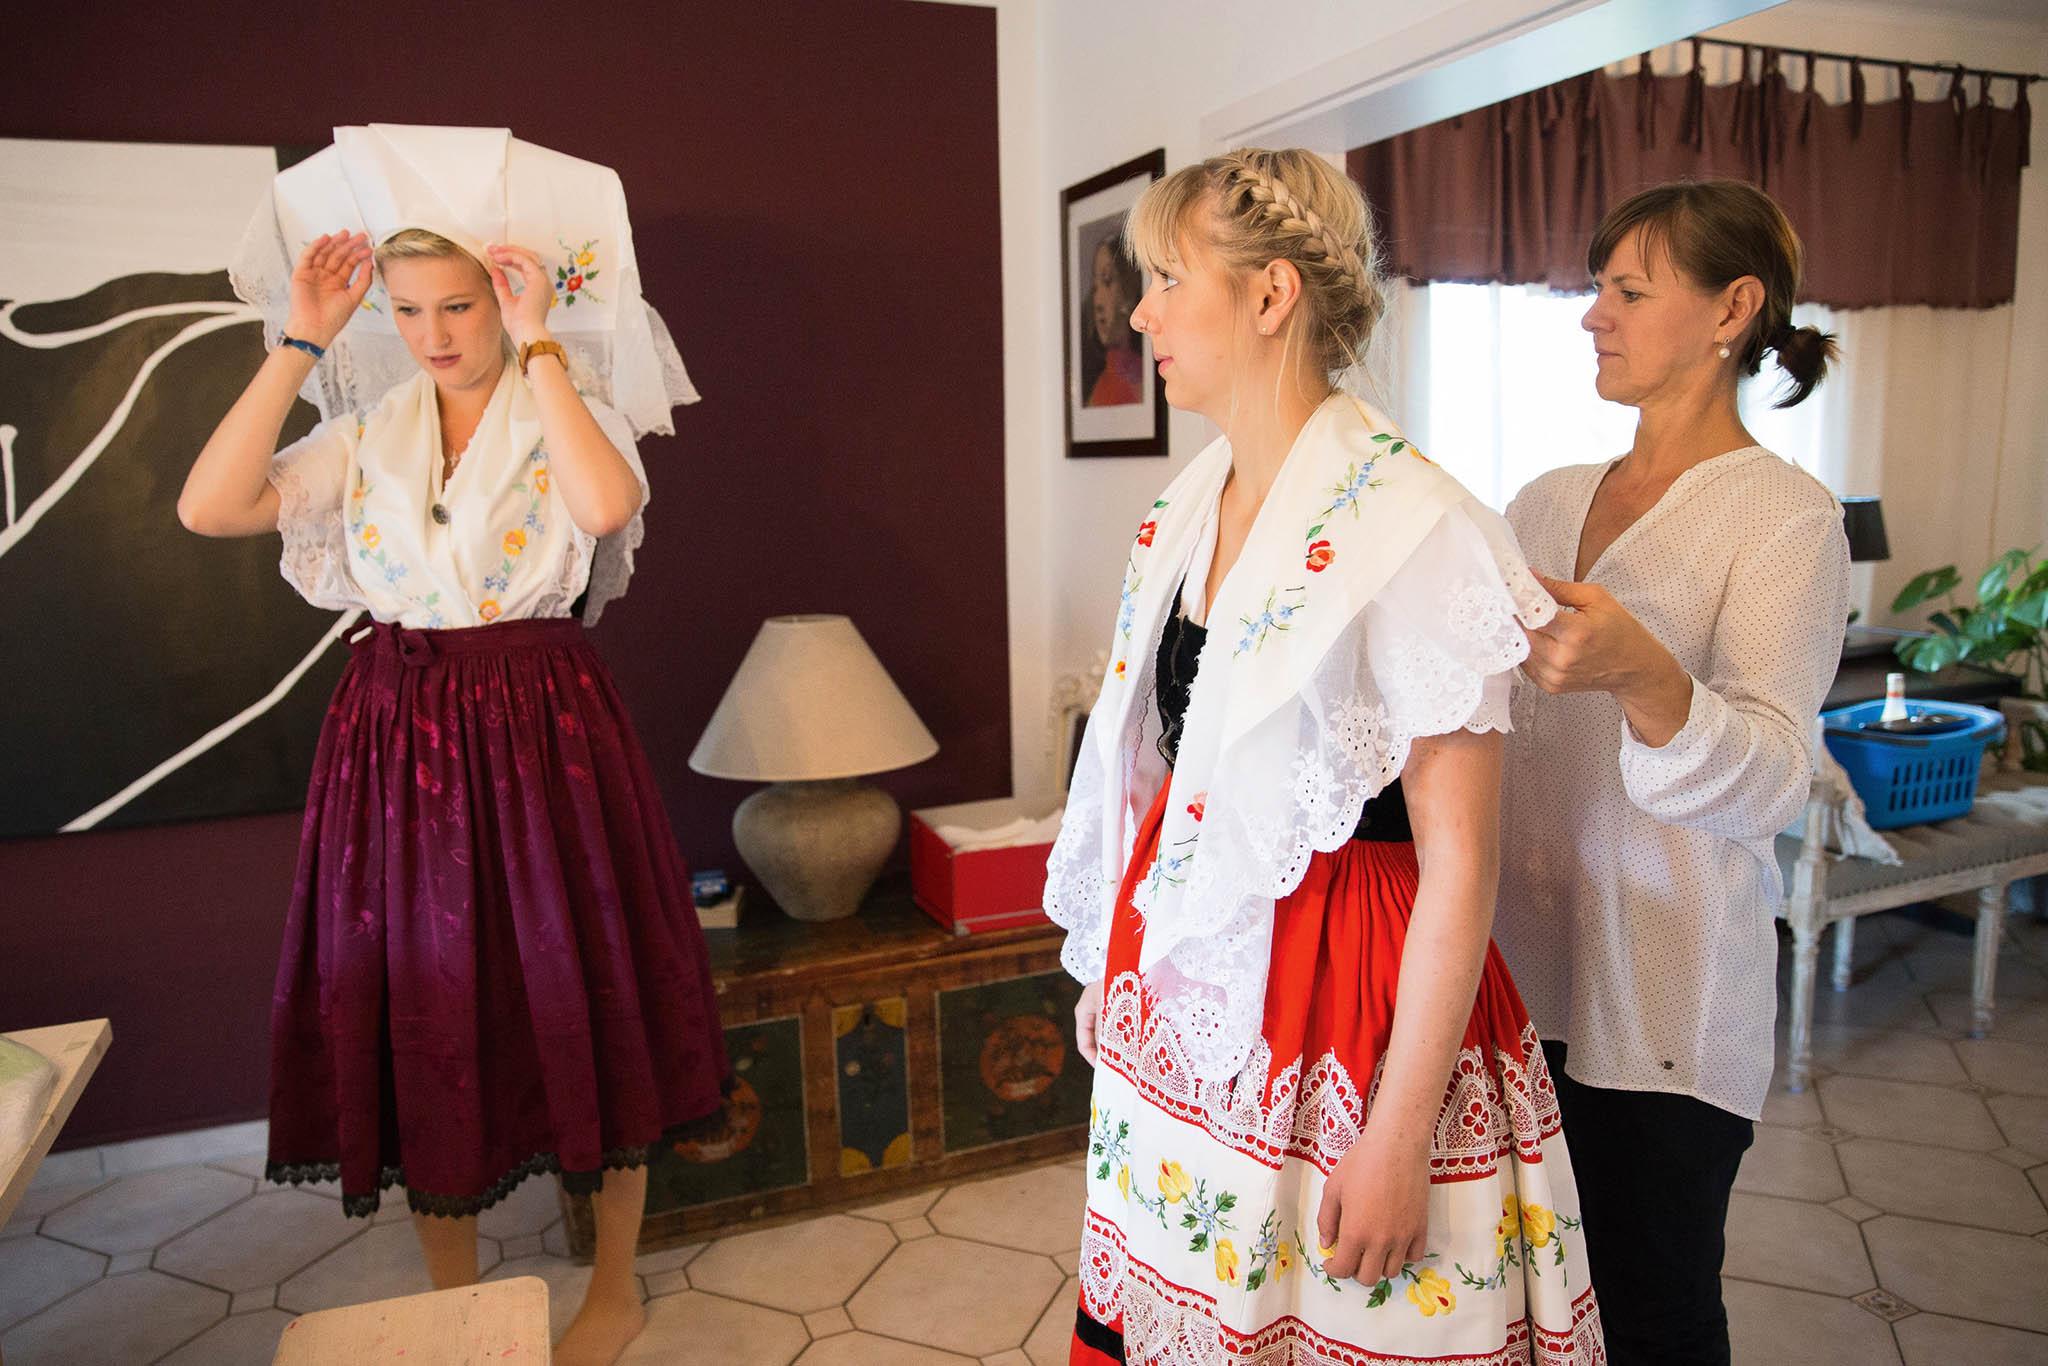 Elisabeth Bandmannová (uprostřed) zWerbenu ajejí kamarádka se připravují naslavnost.